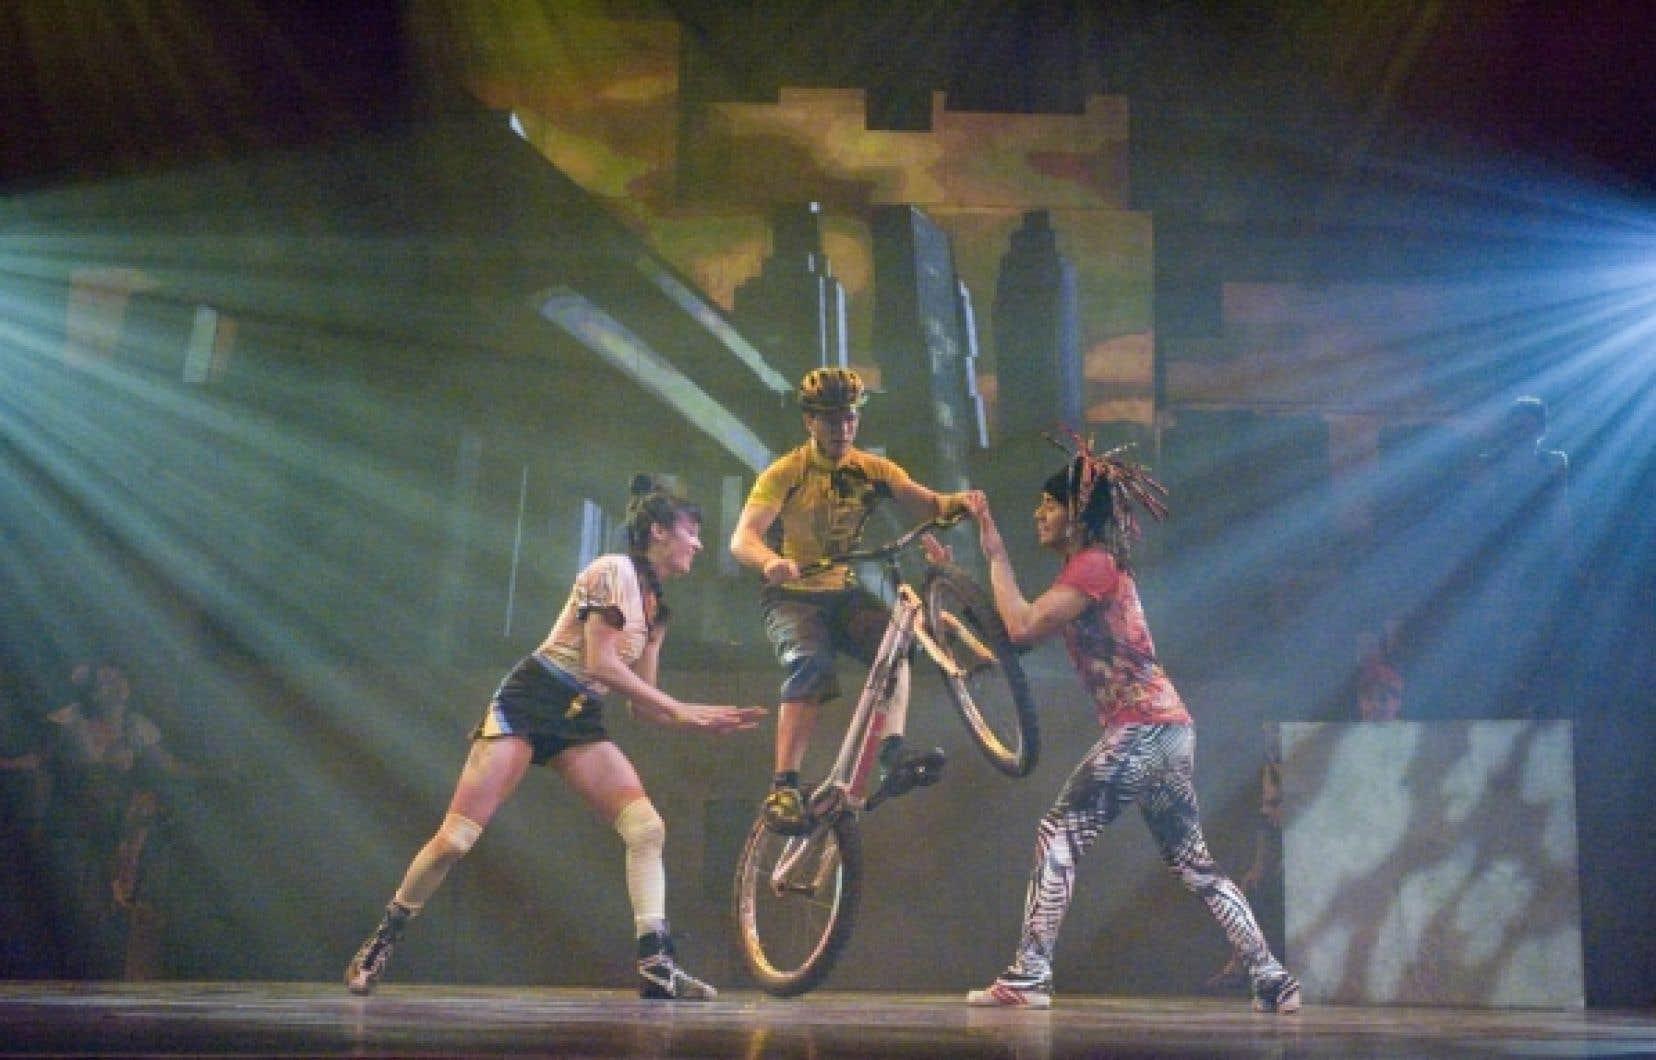 Acrobate à vélo, costumes inspirés de mangas japonaises, baskets et dreadlocks, I.D. carbure au rock, au risque et à l'adrénaline.